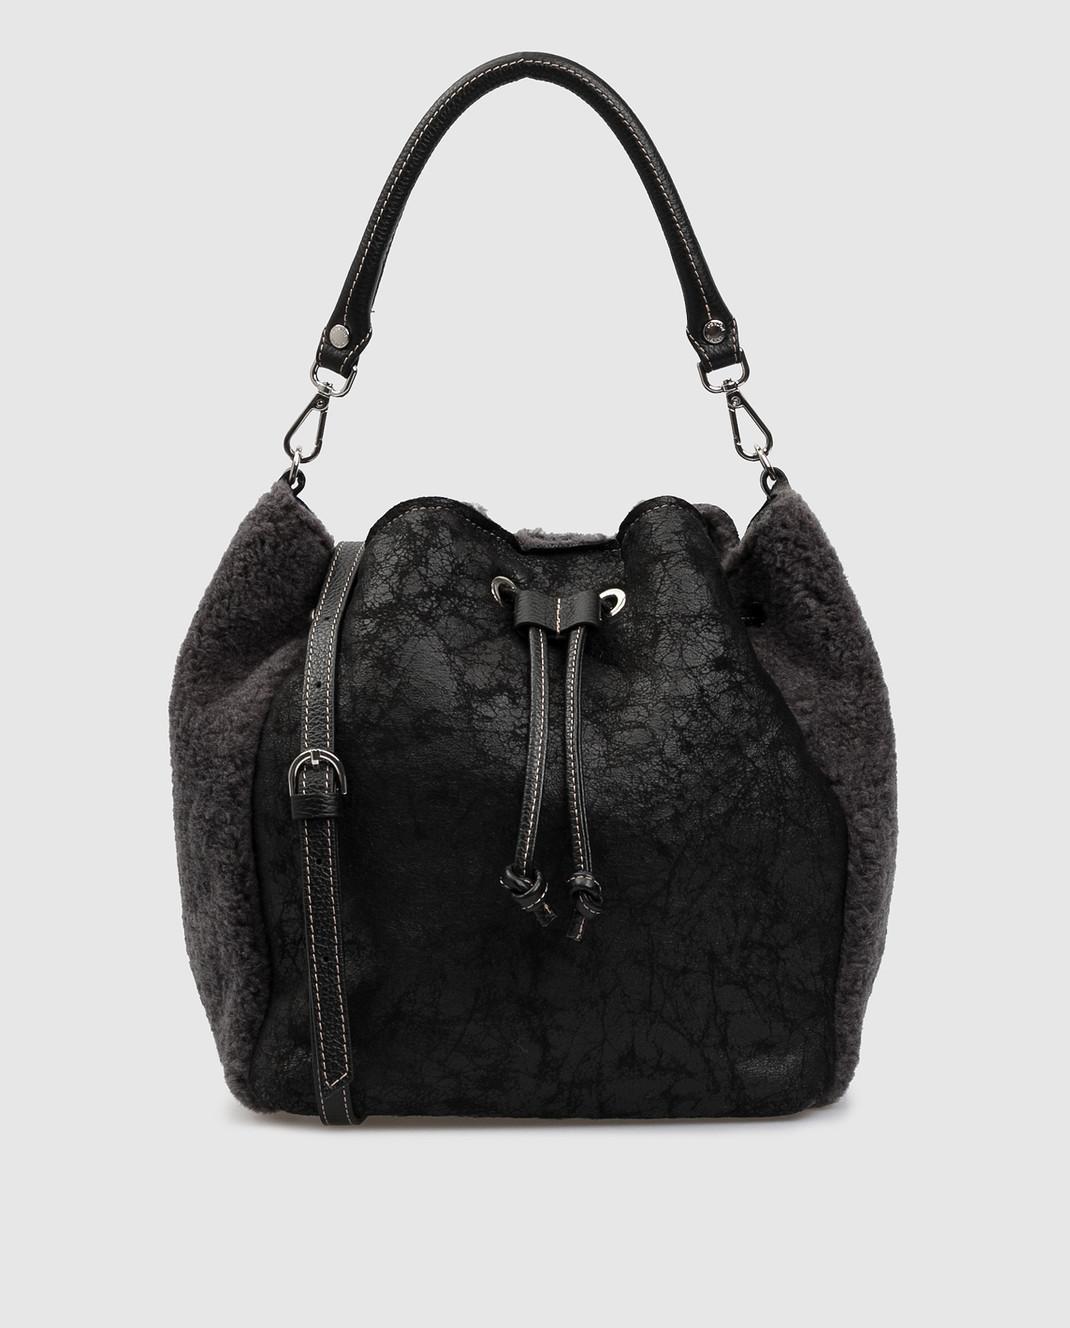 Gianni Notaro Черная сумка из кожи и меха изображение 1